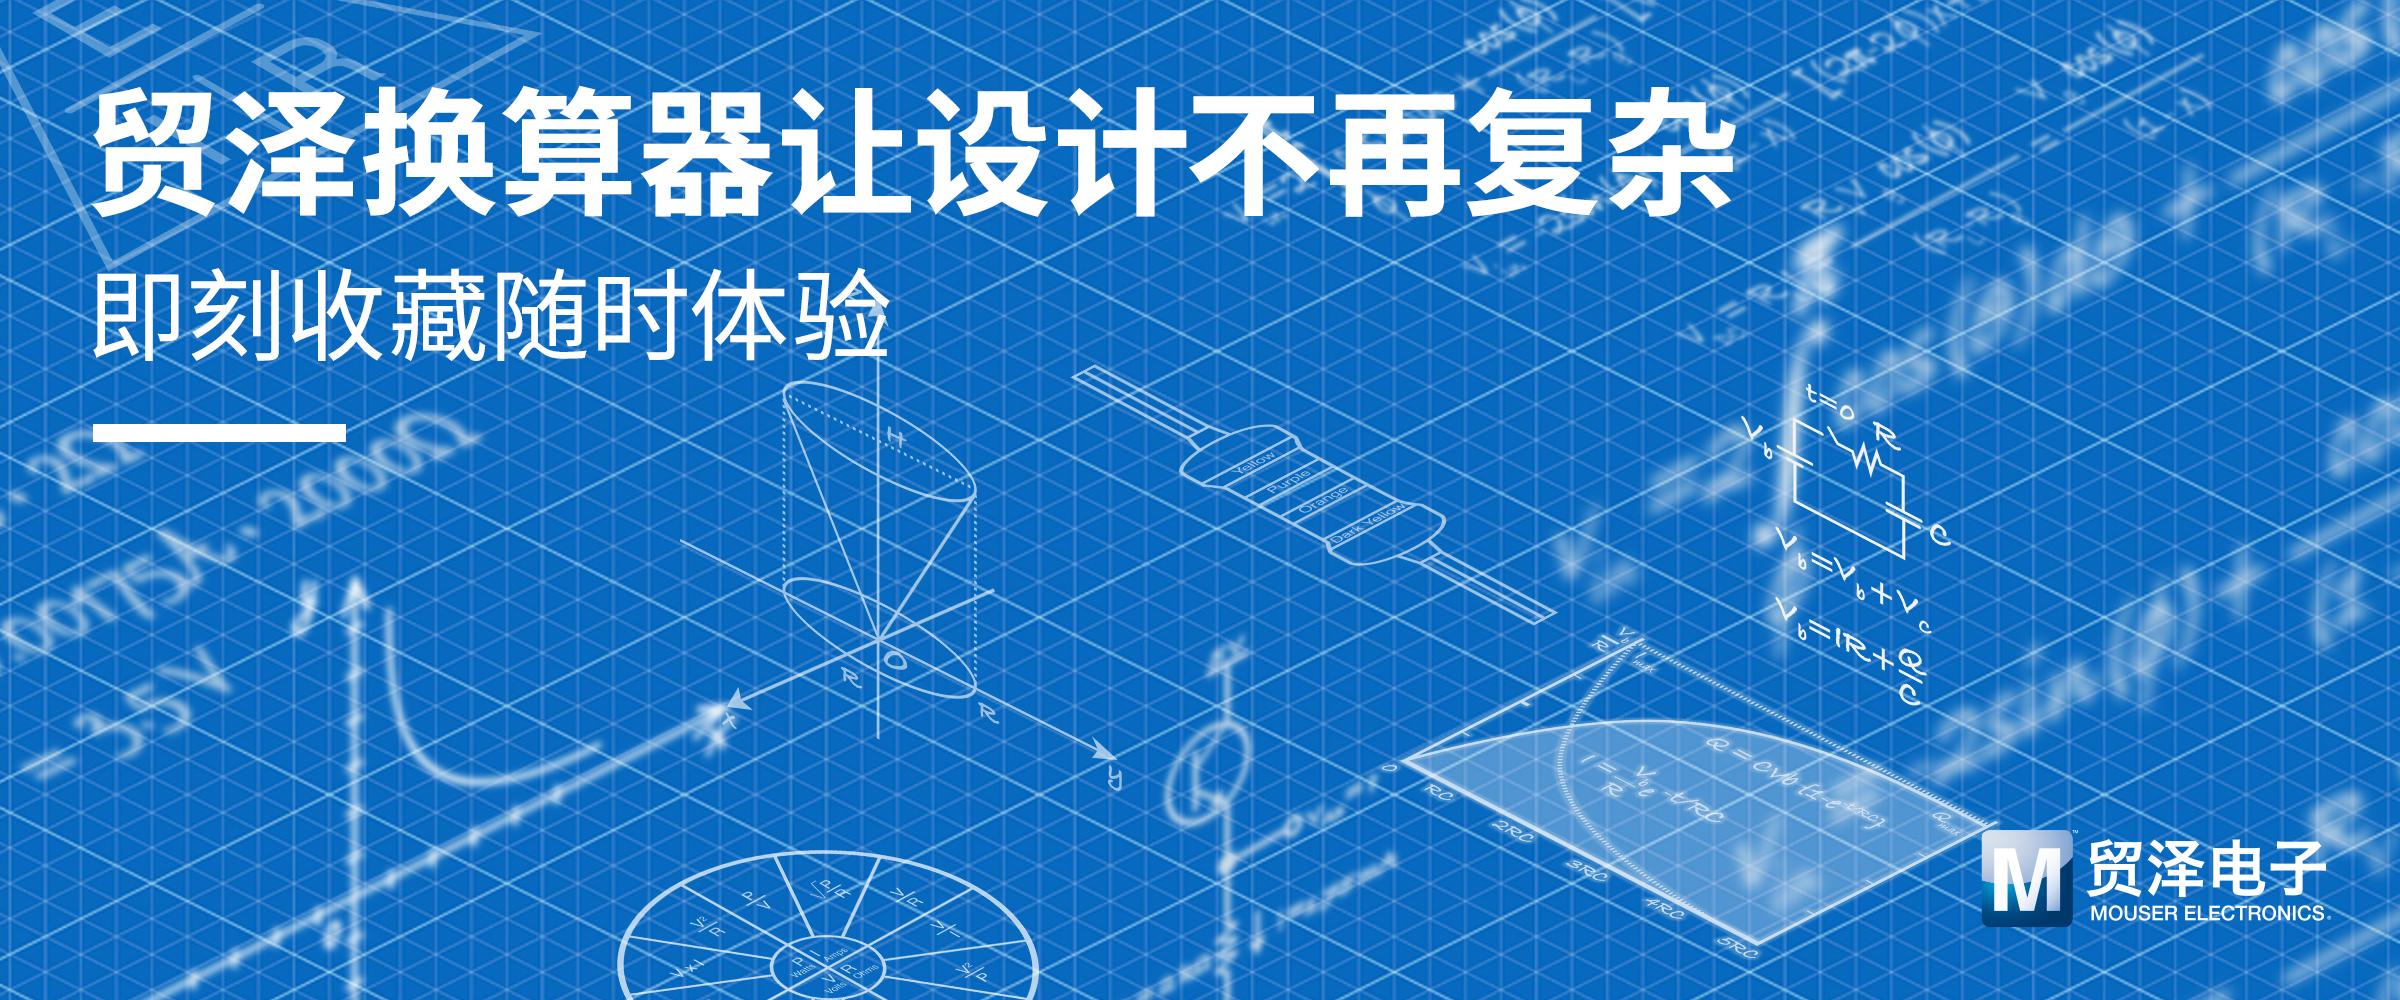 貿澤電子一站式采購平臺推出在線計算器   助力電子設計提速